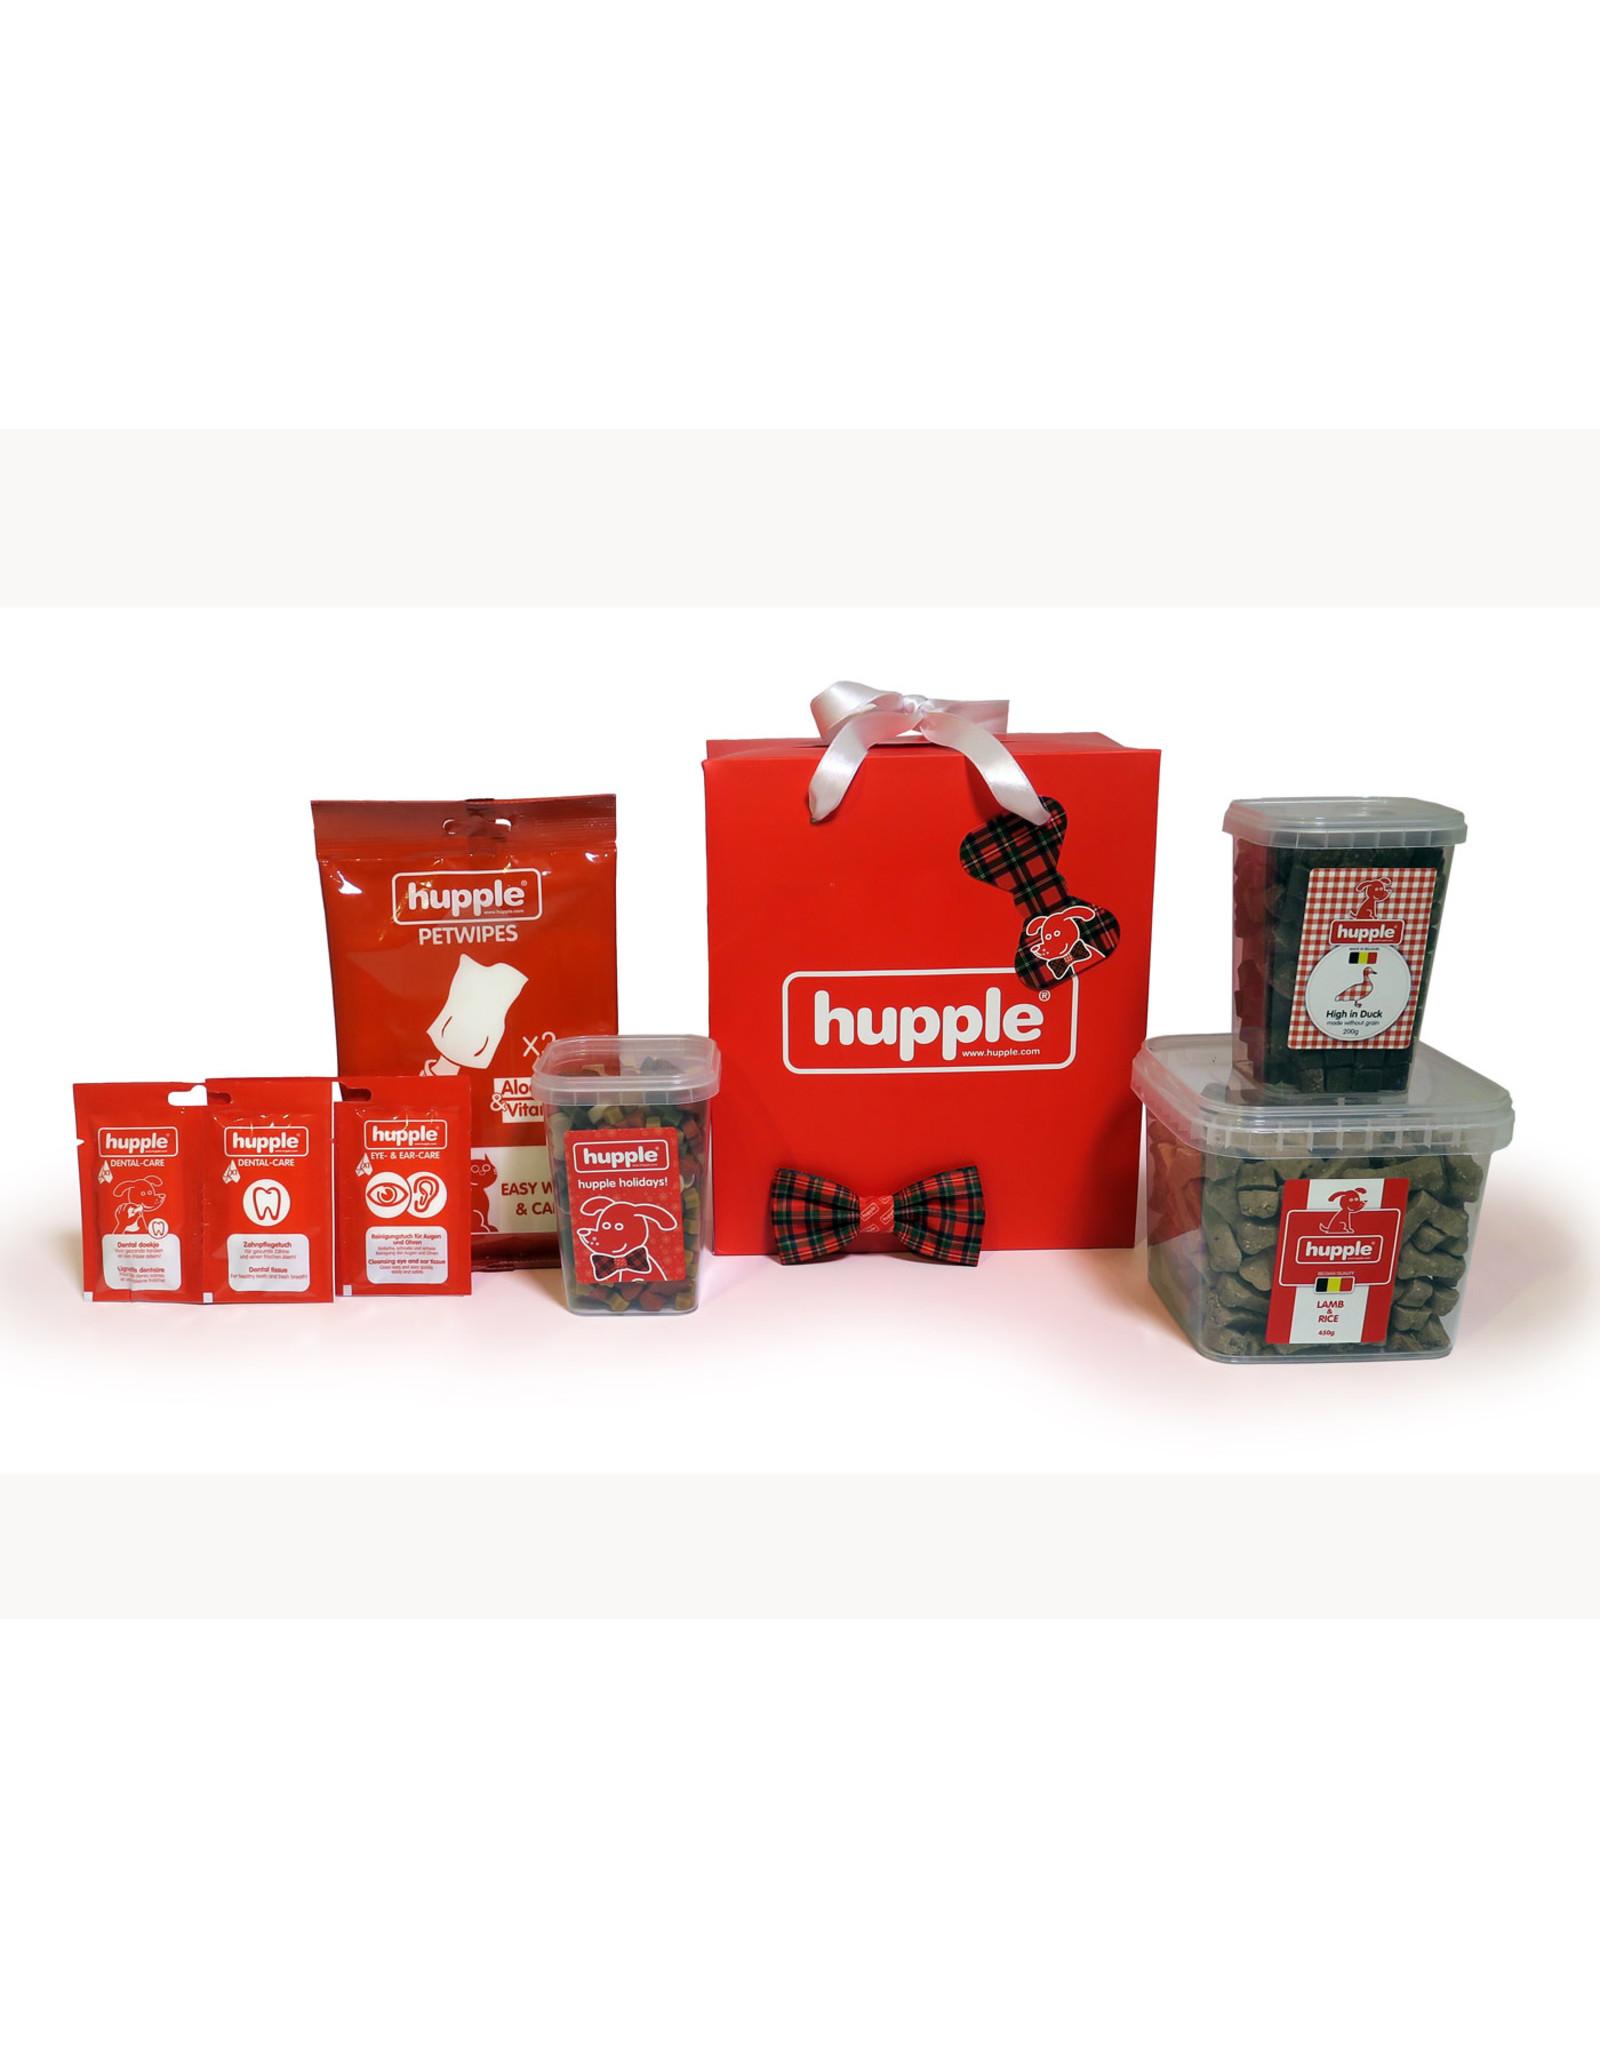 Hupple Christmas Dog